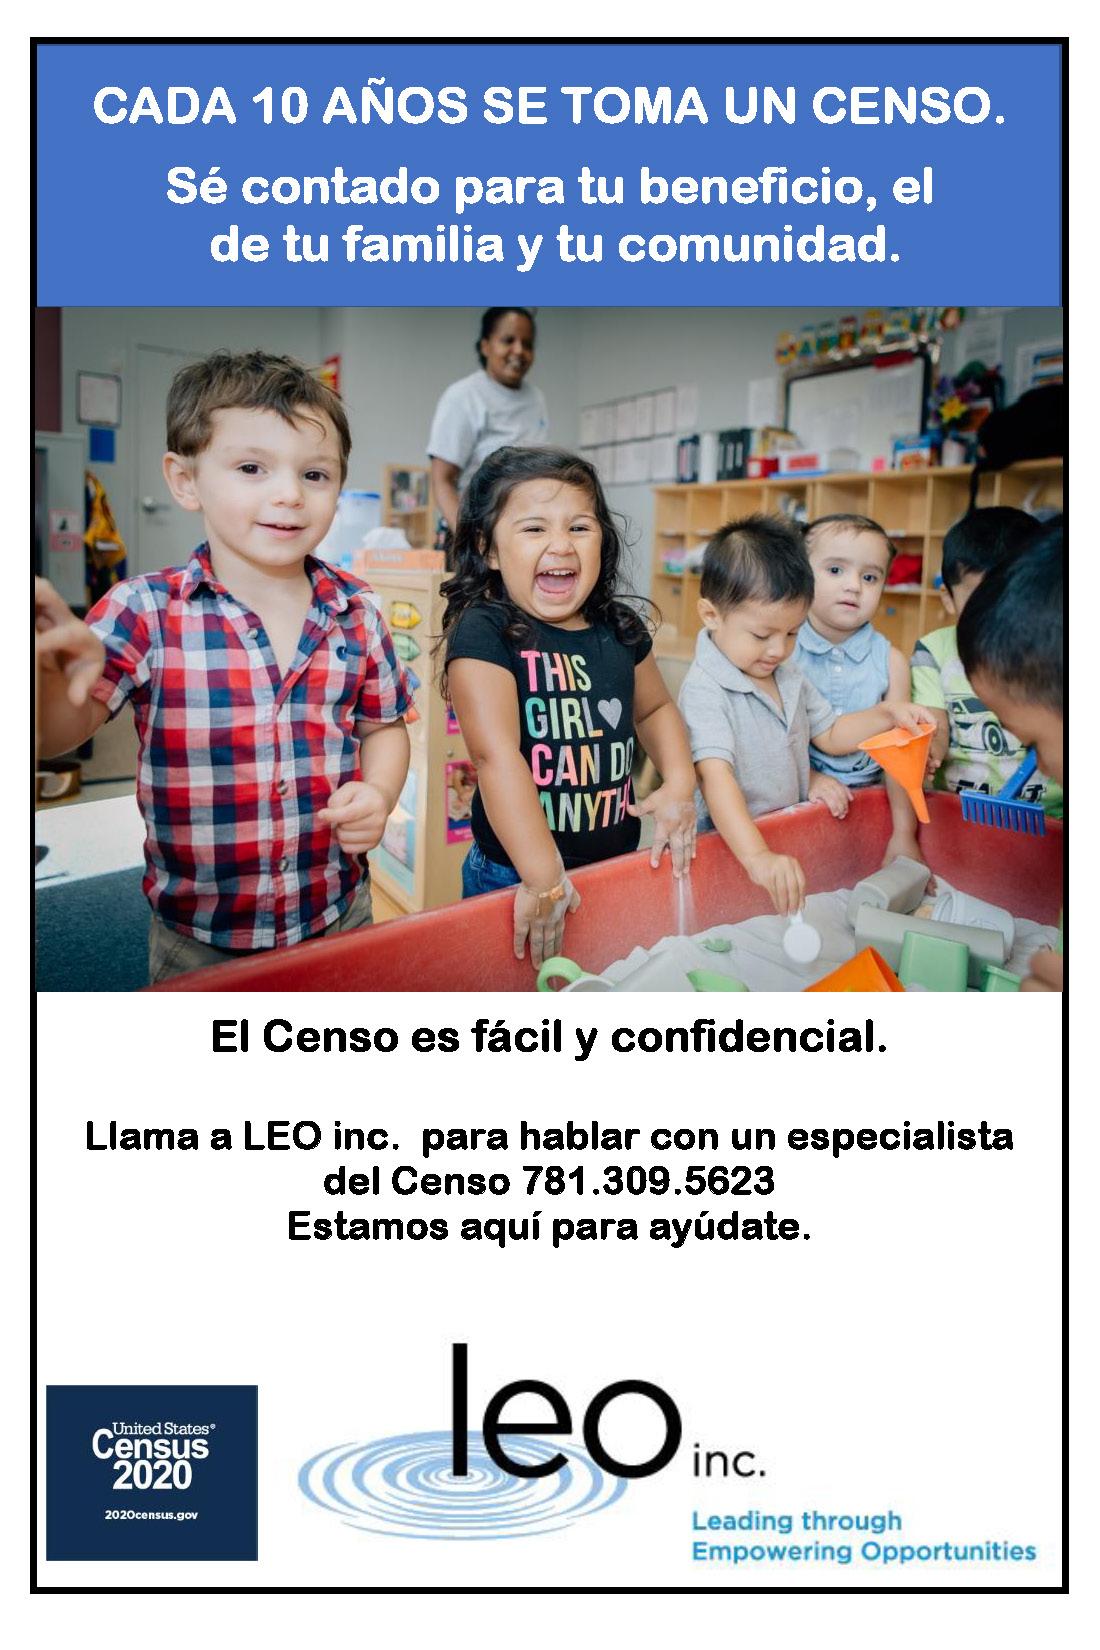 La Voz ad 4-1-2020 SPANISH.jpg